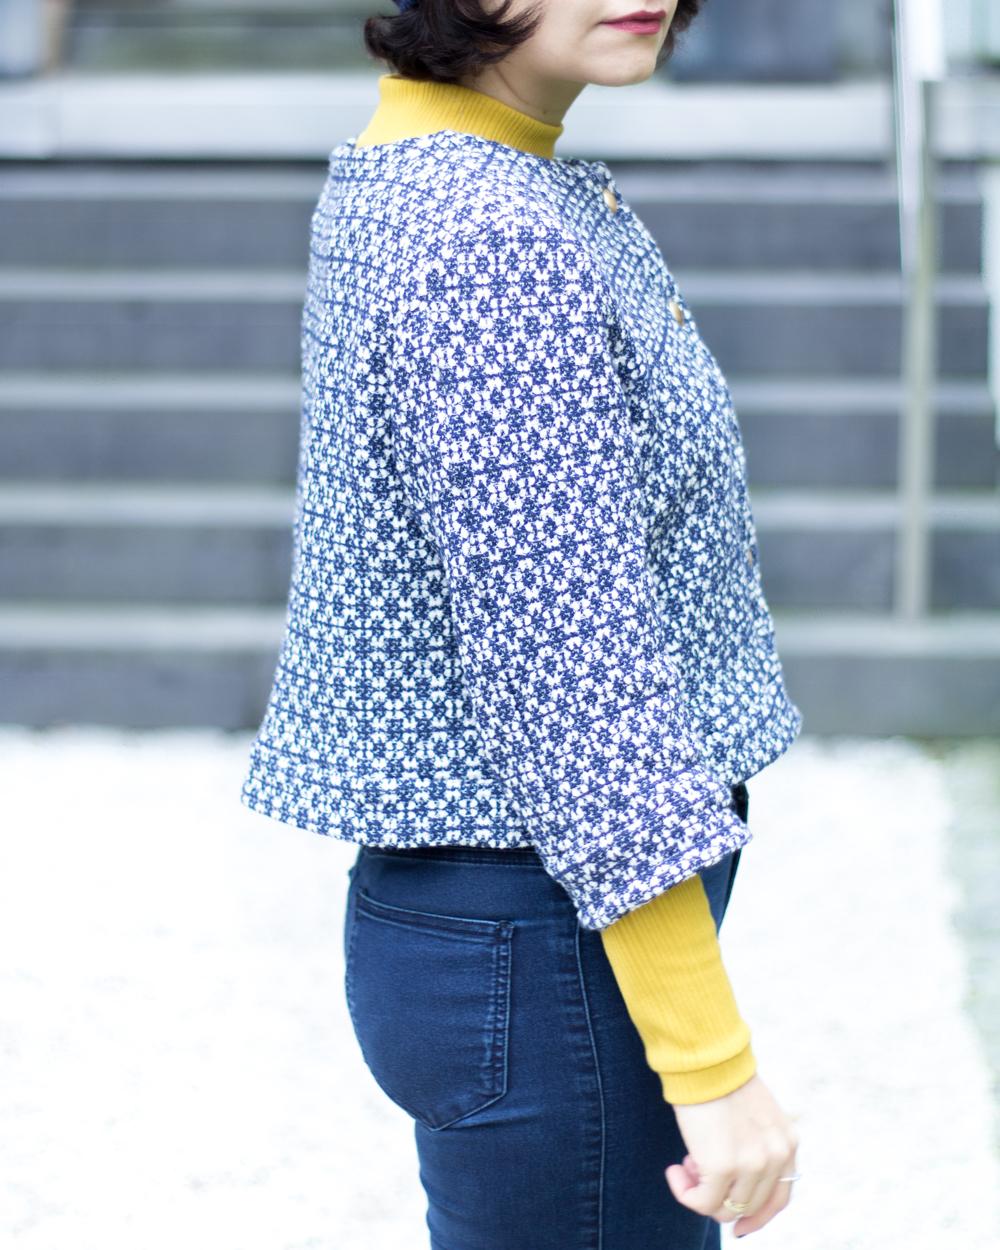 Kurzjacke nähen: Schnittmuster für eine Kurzjacke aus blau weißem Jaquardstoff - blau weiße Kurzjacke mit goldenen Knöpfen - Kurzjacke aus 1 Schnitt 10 Kleider